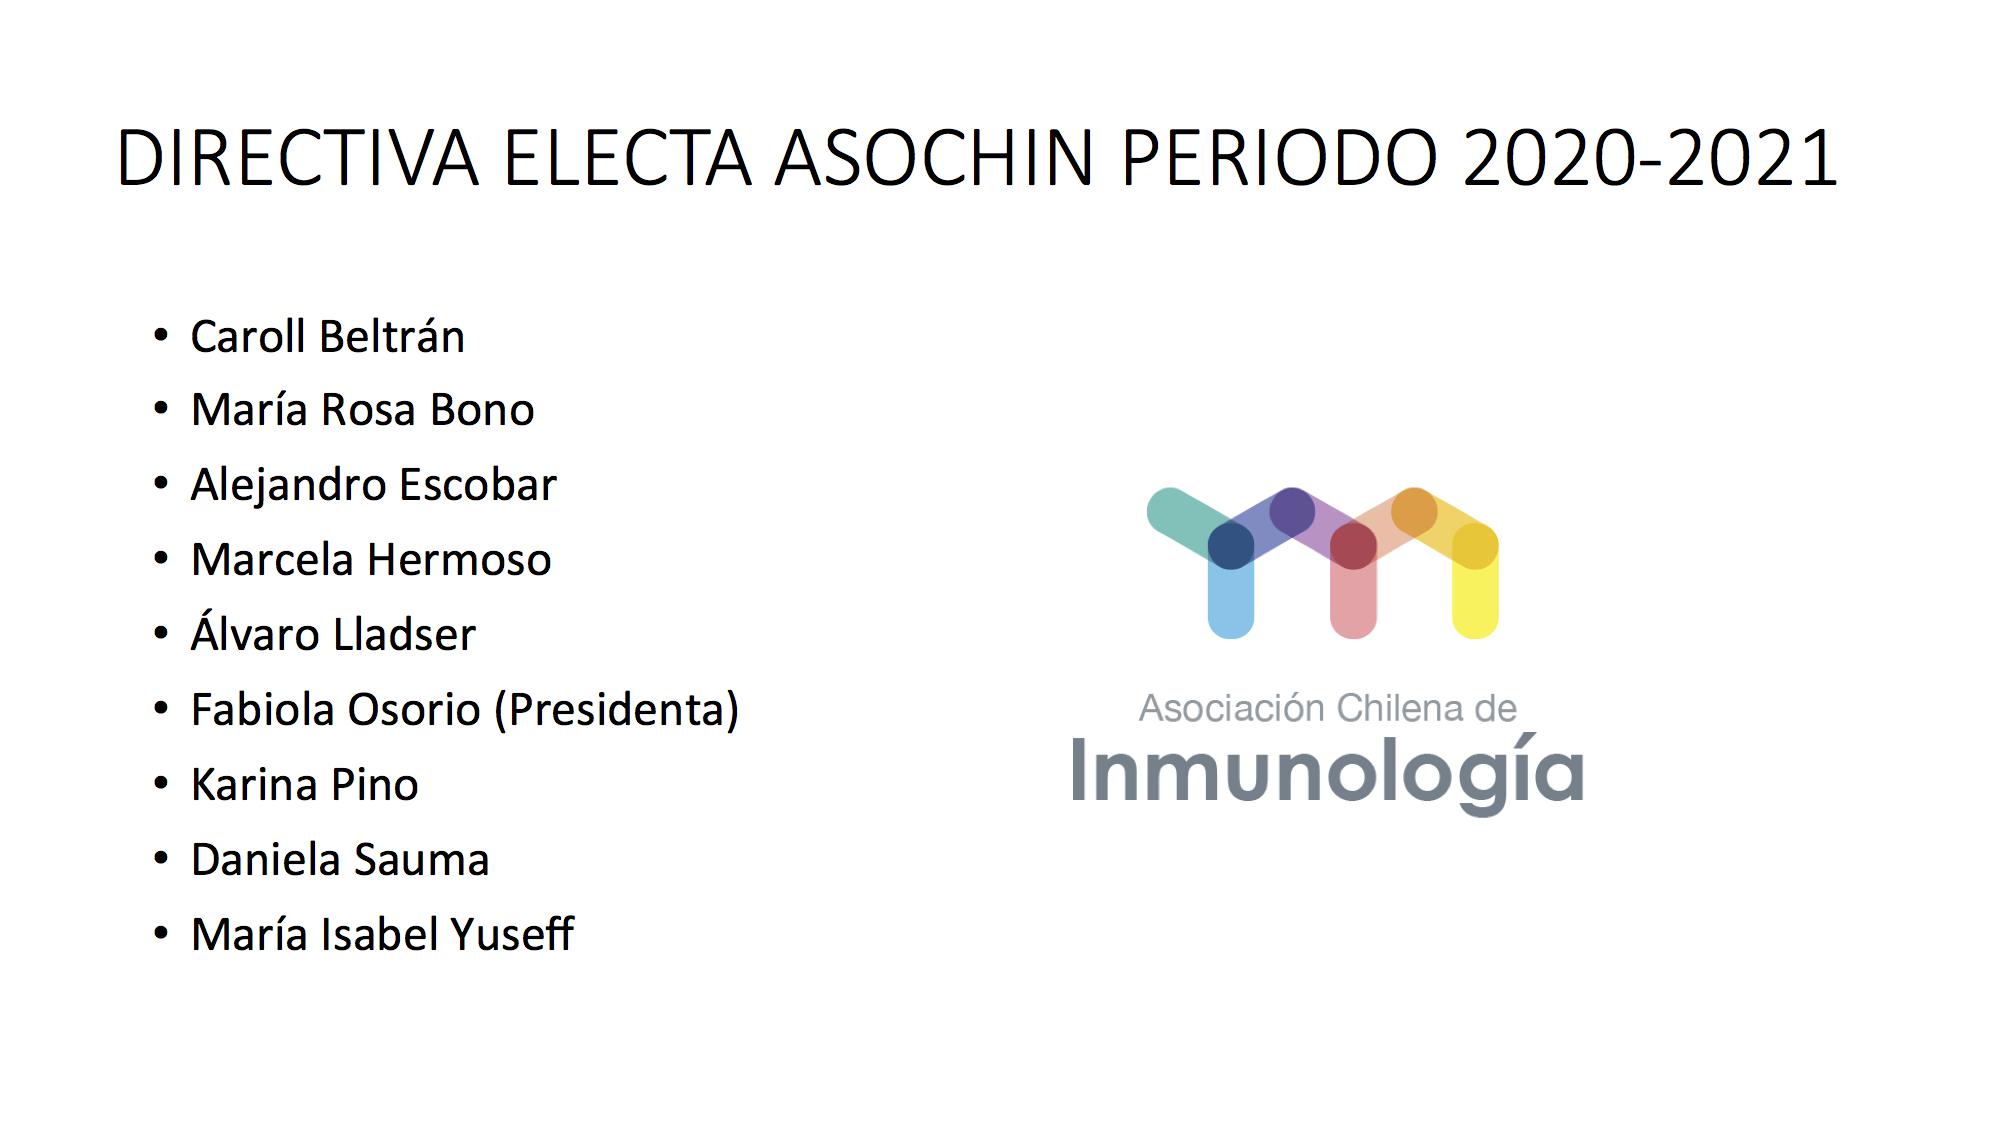 NUEVA DIRECTIVA ASOCHIN PERIODO 2020-2021 graphic